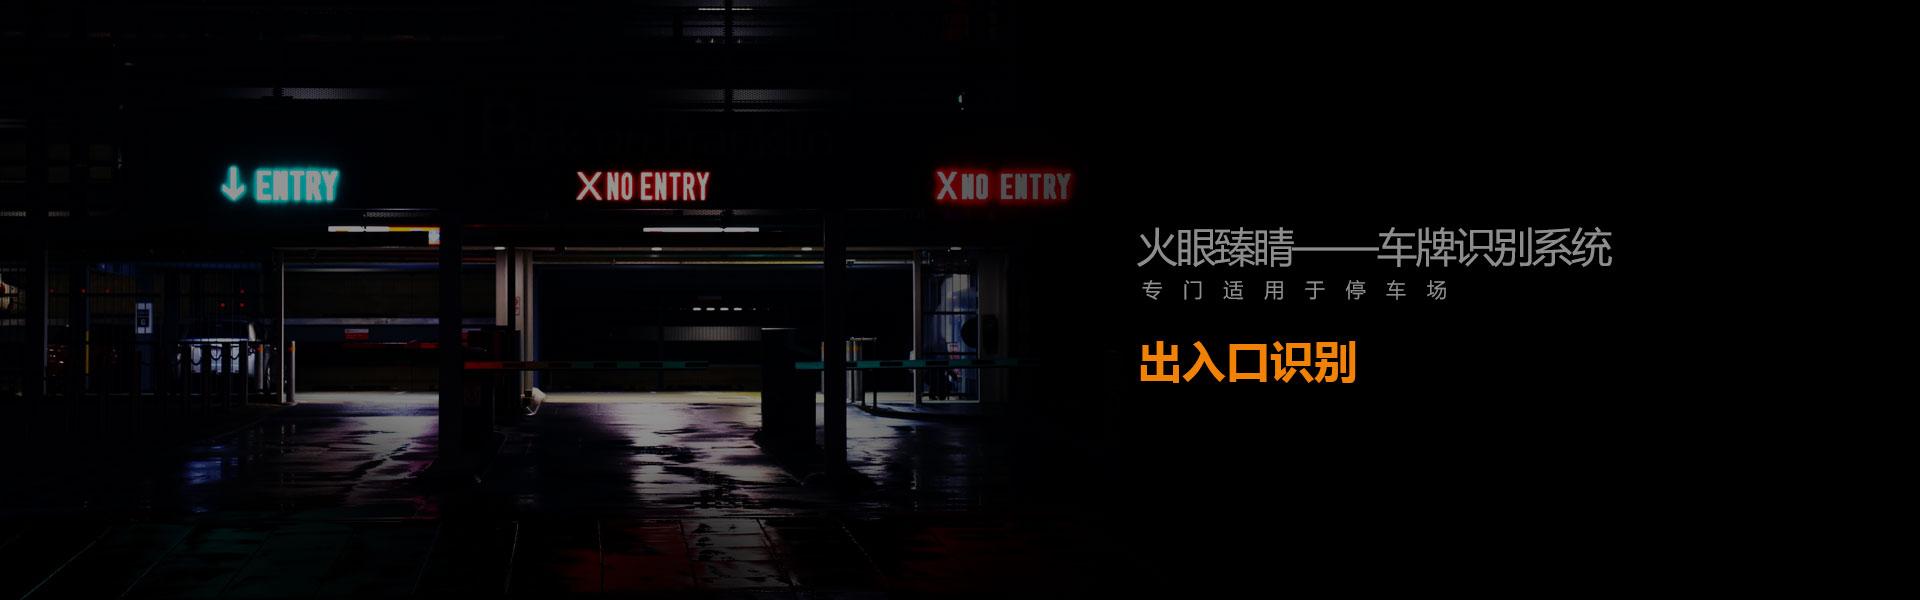 出入口识别-banner2